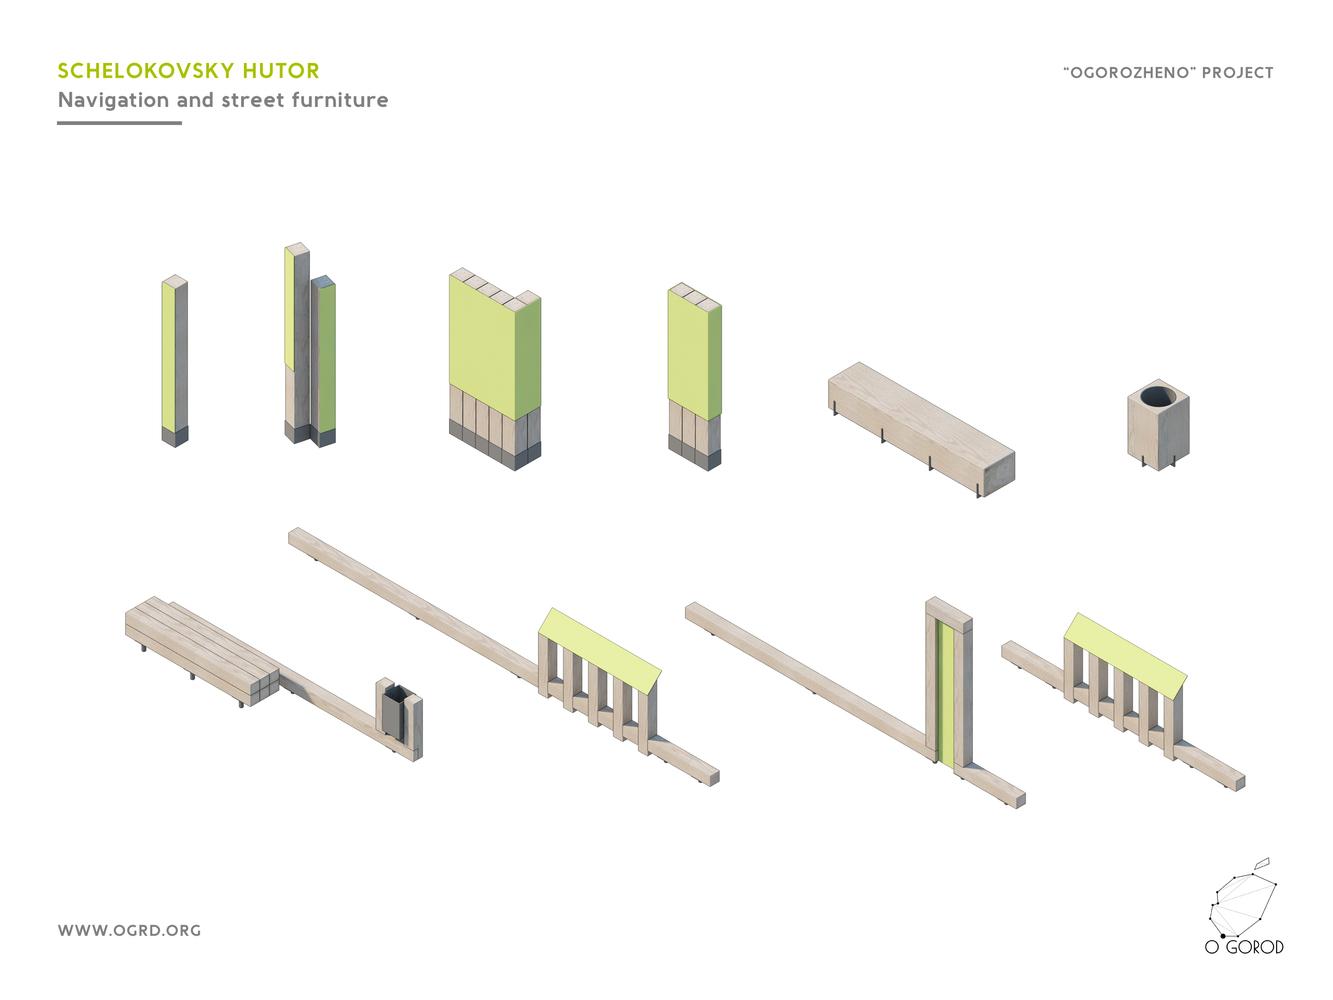 schelokovsky hutor forest park / ogorod  navigation and street furniture  diagram